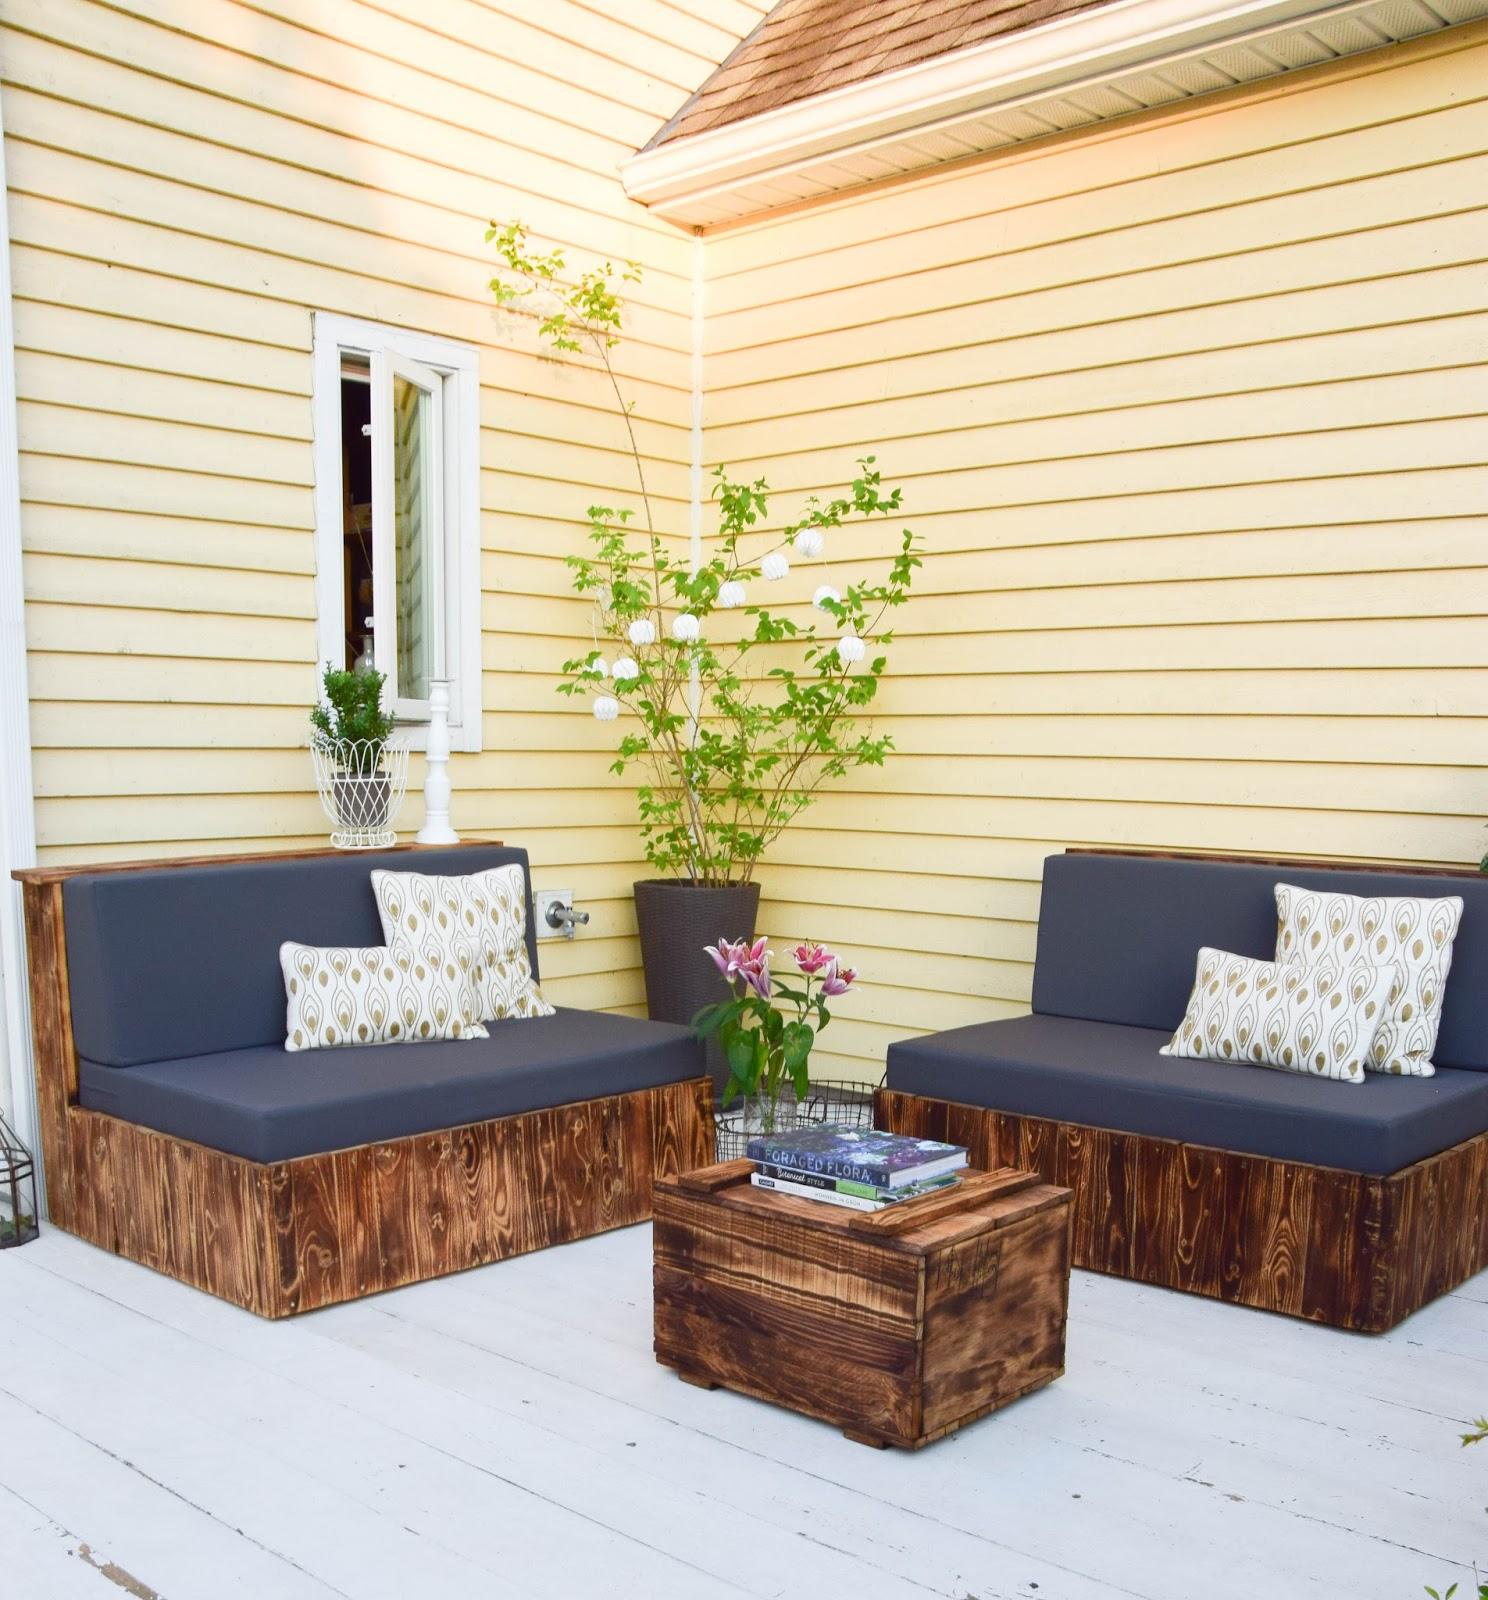 diy sitzm bel aus paletten f r die terrasse und das wohnzimmer eclectic hamilton. Black Bedroom Furniture Sets. Home Design Ideas